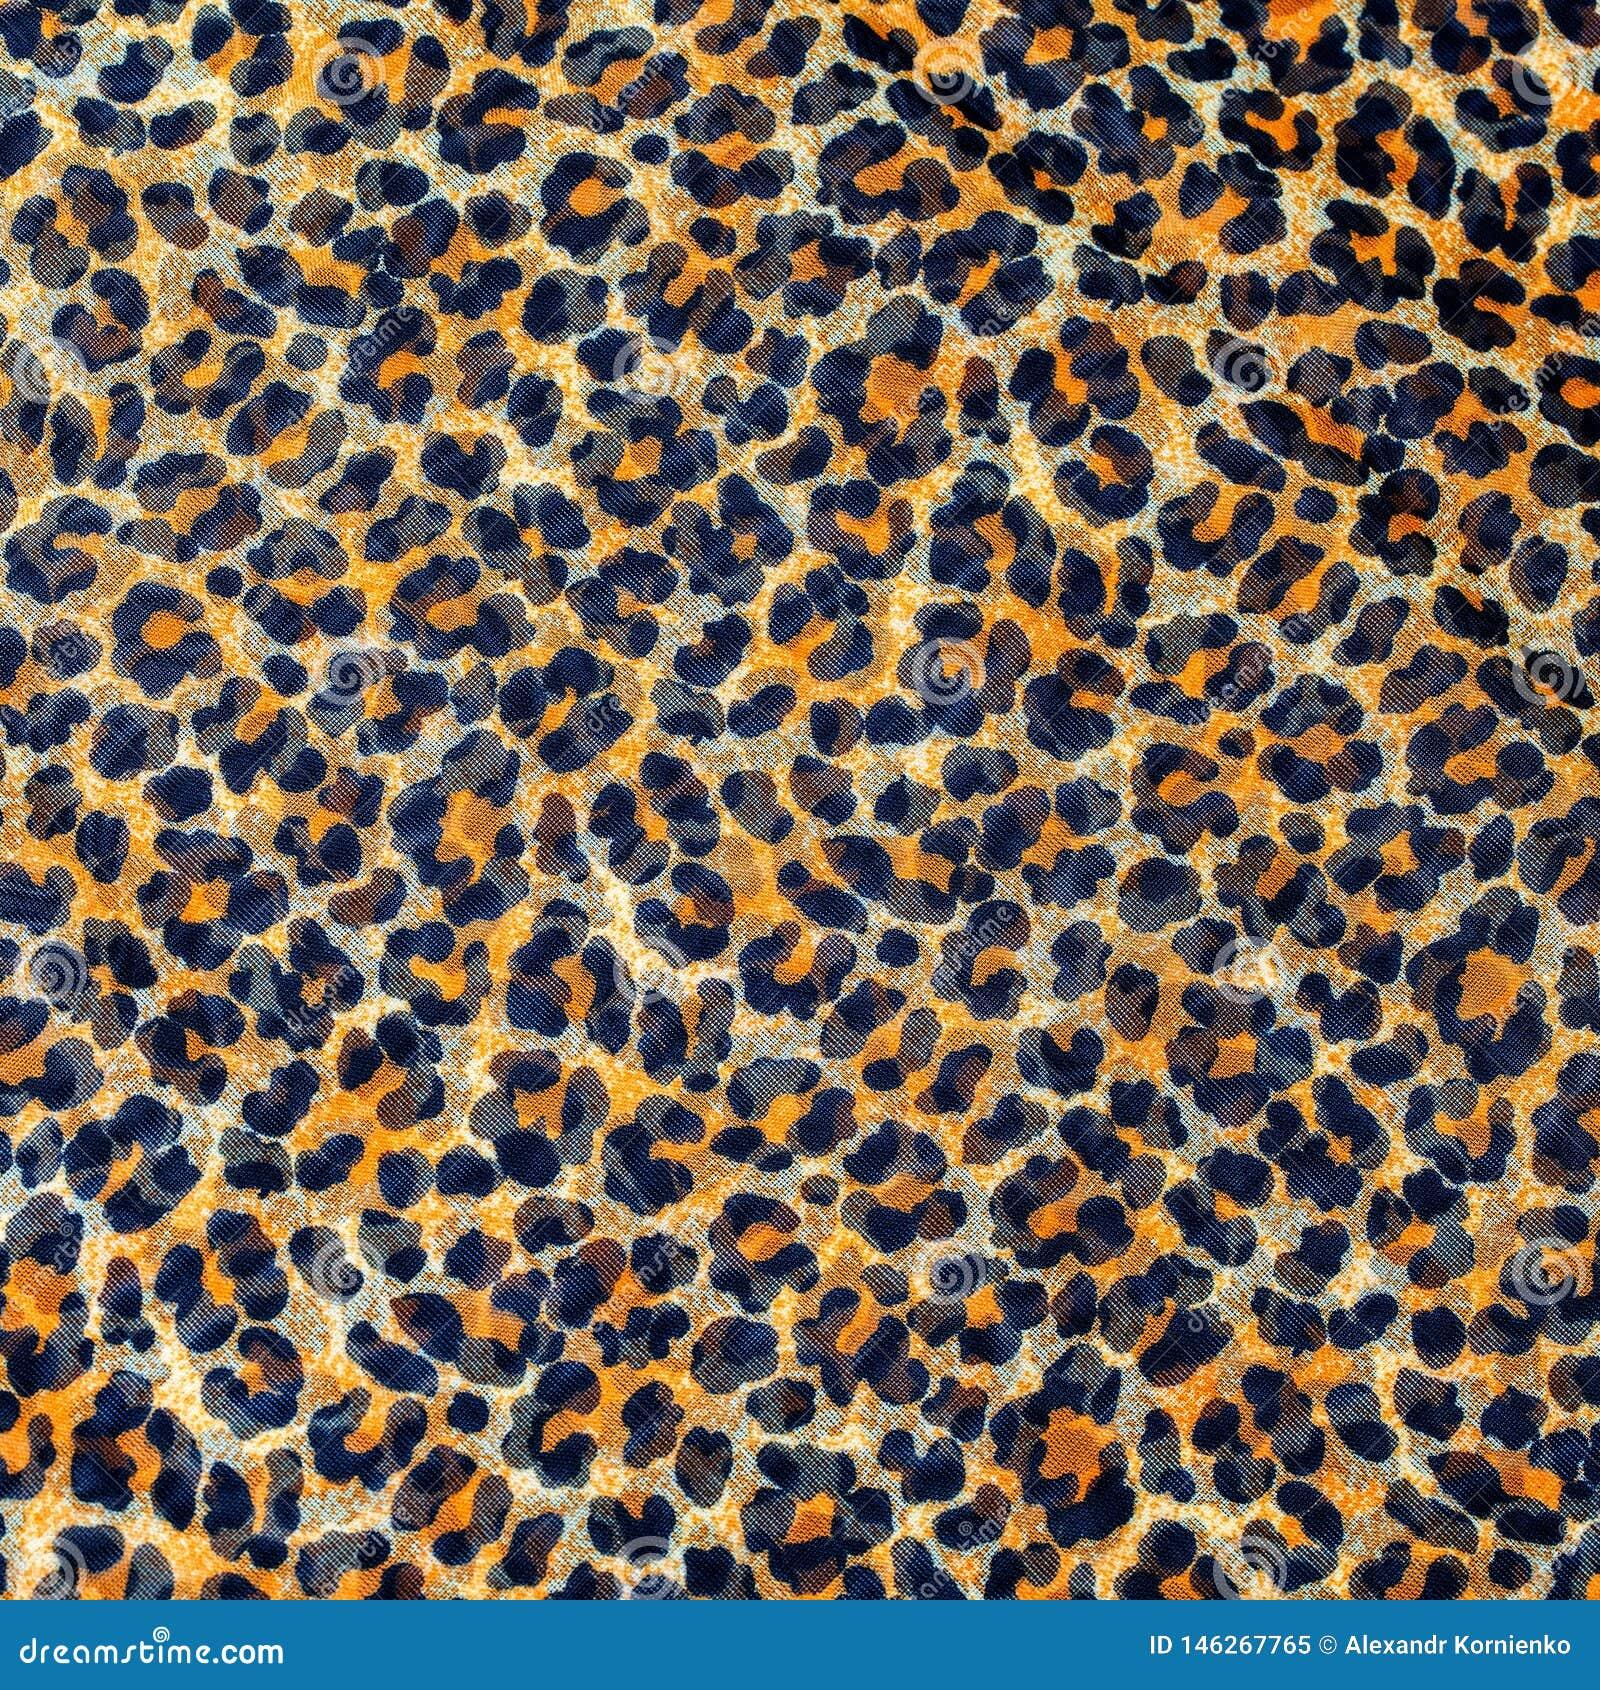 Leopard print, fabric pattern